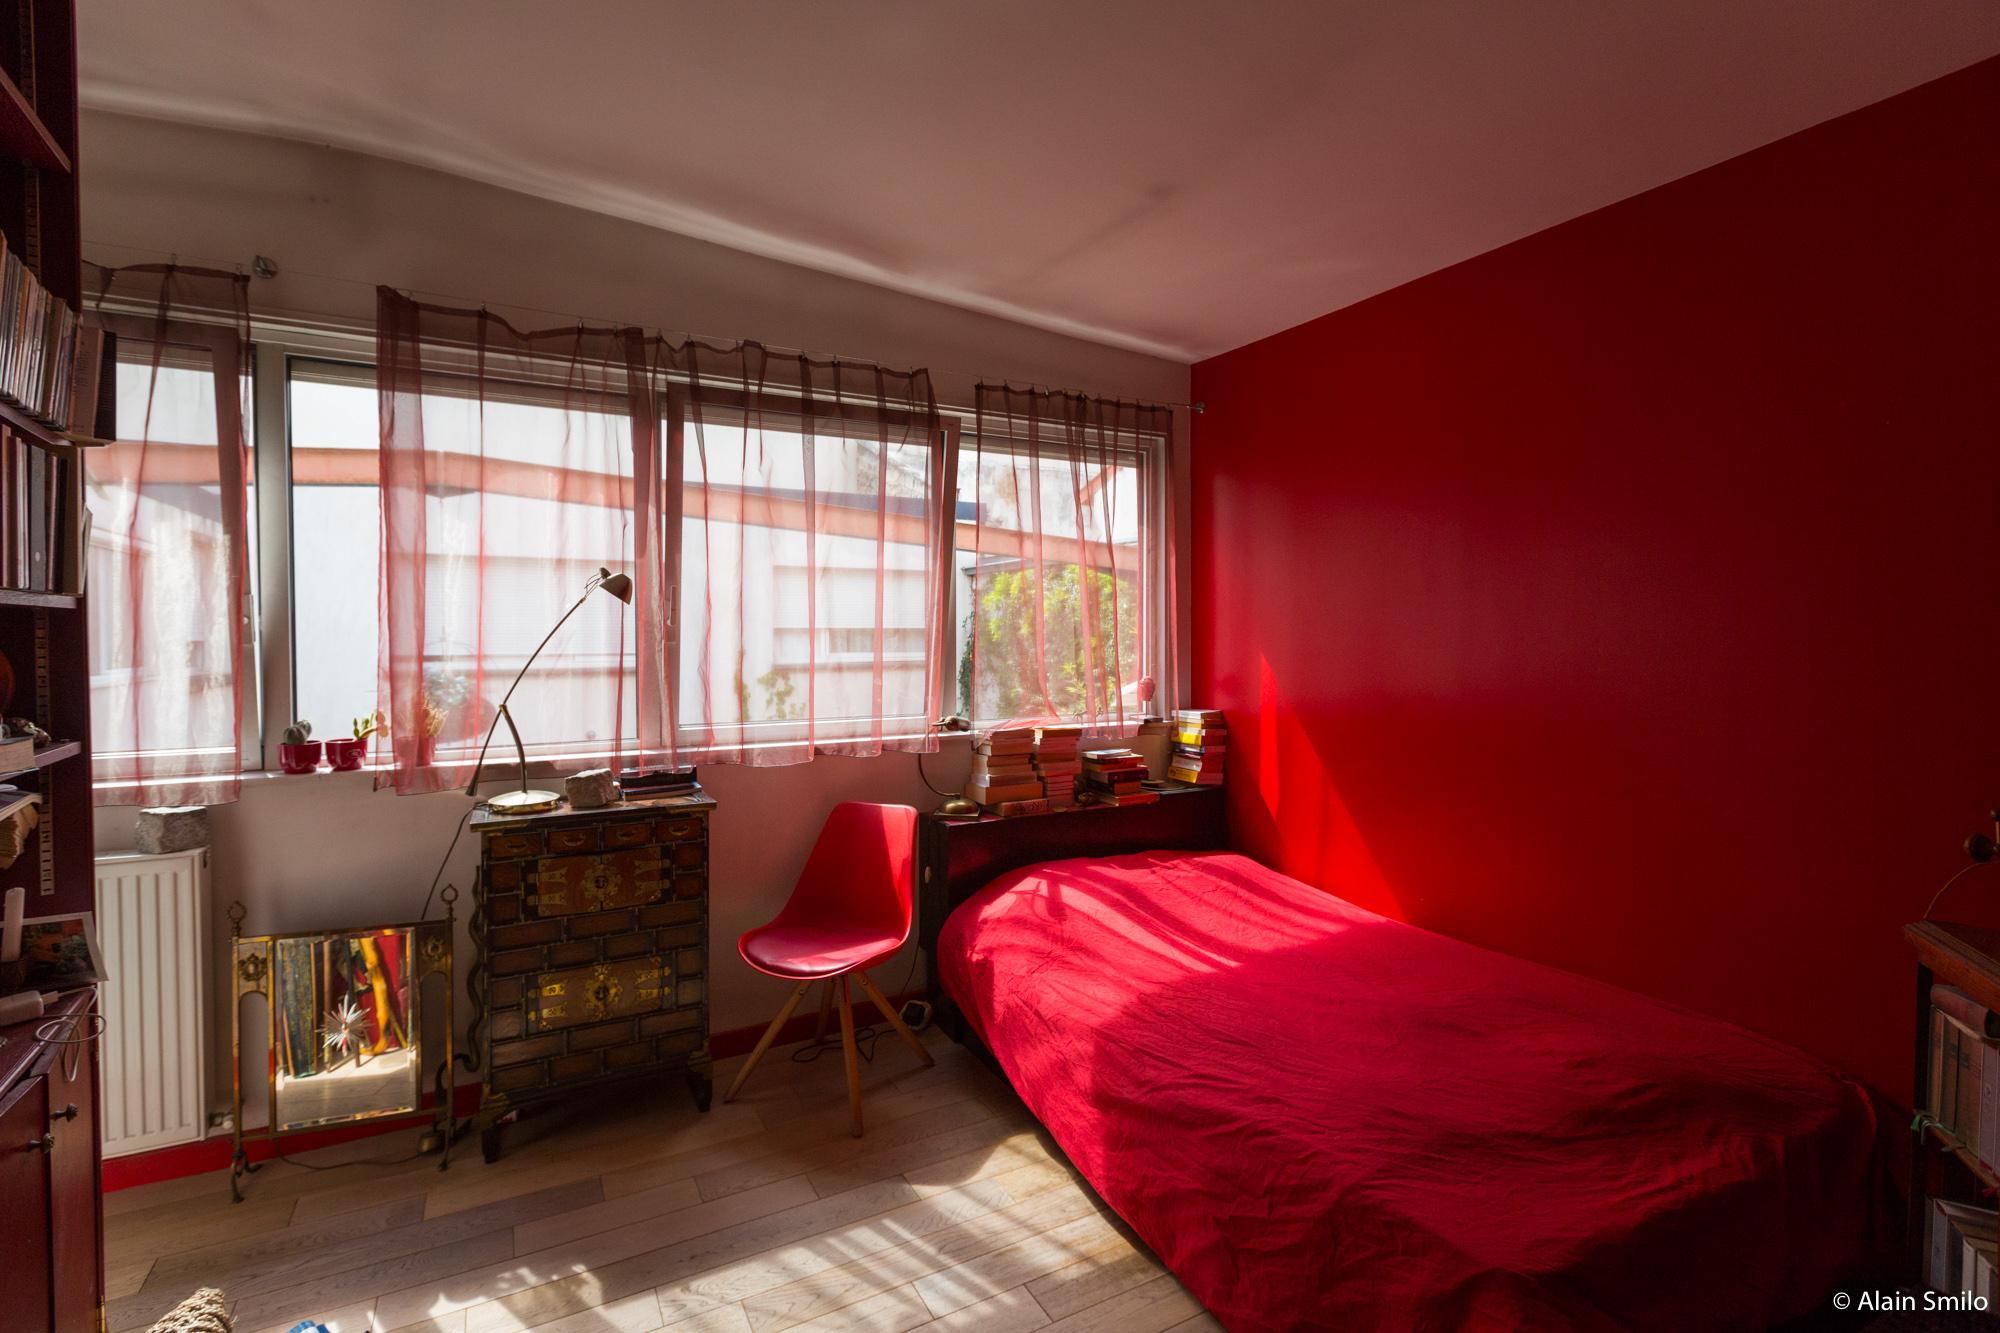 Loft vente bagnolet immobiliere beryl chambre rouge